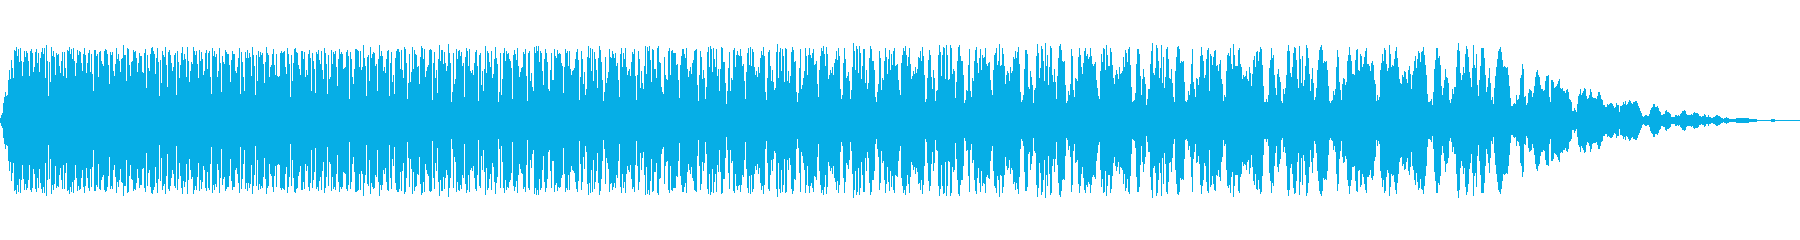 ウィンドダウンディスソルブ2の再生済みの波形